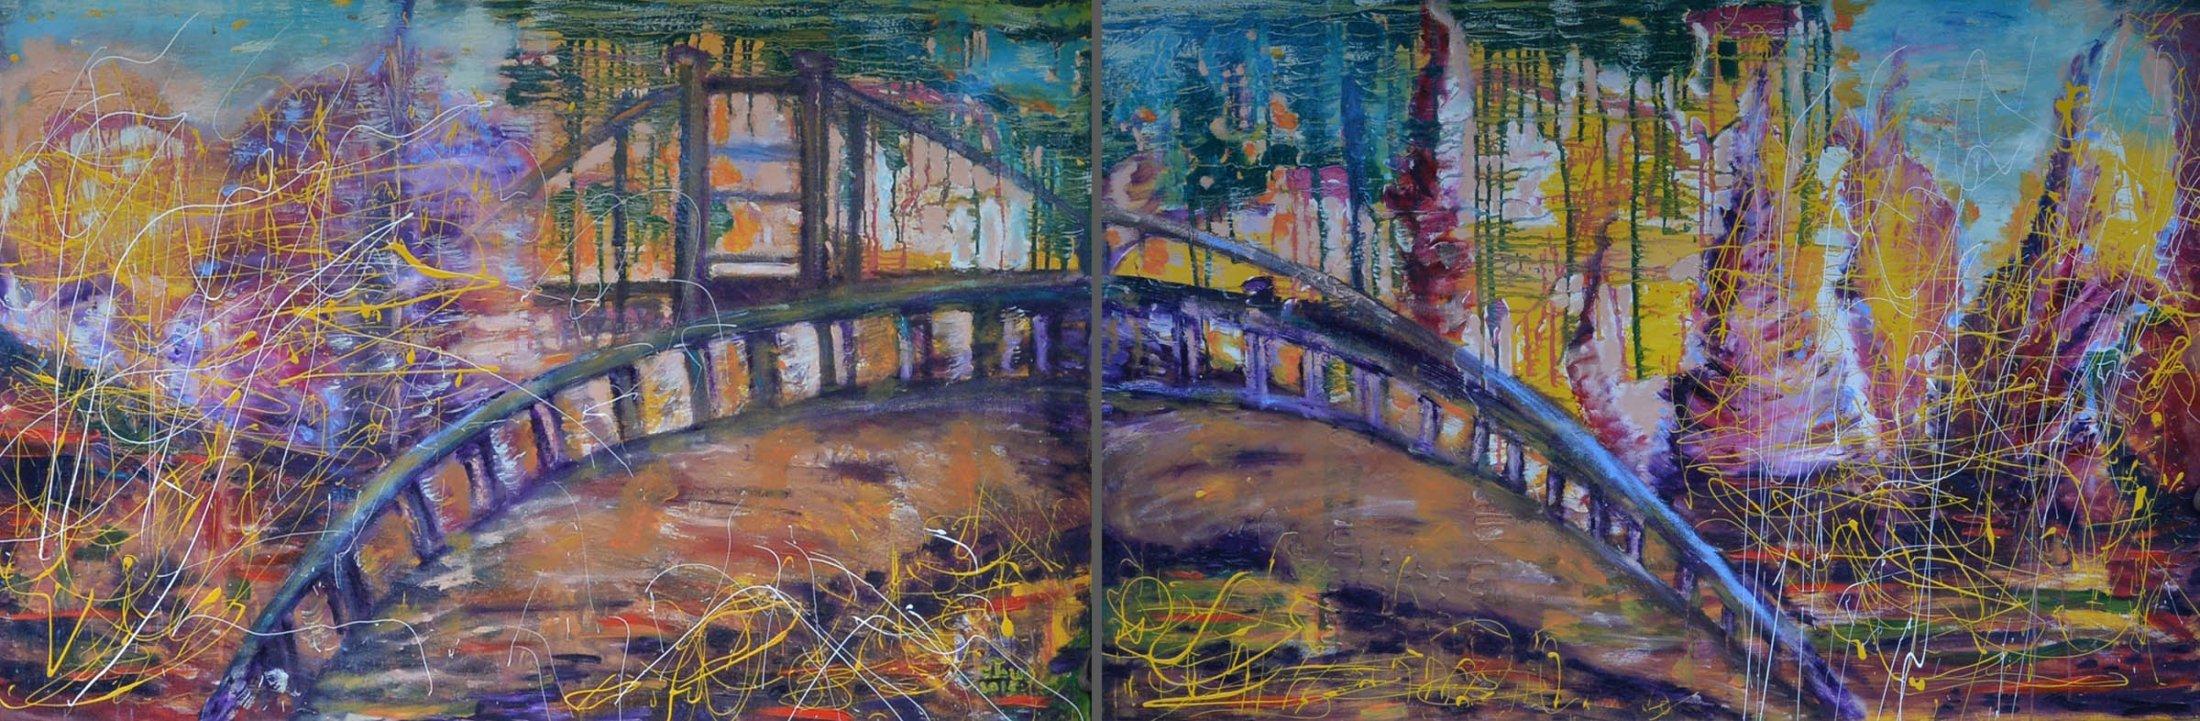 The Bridge (Diptych)